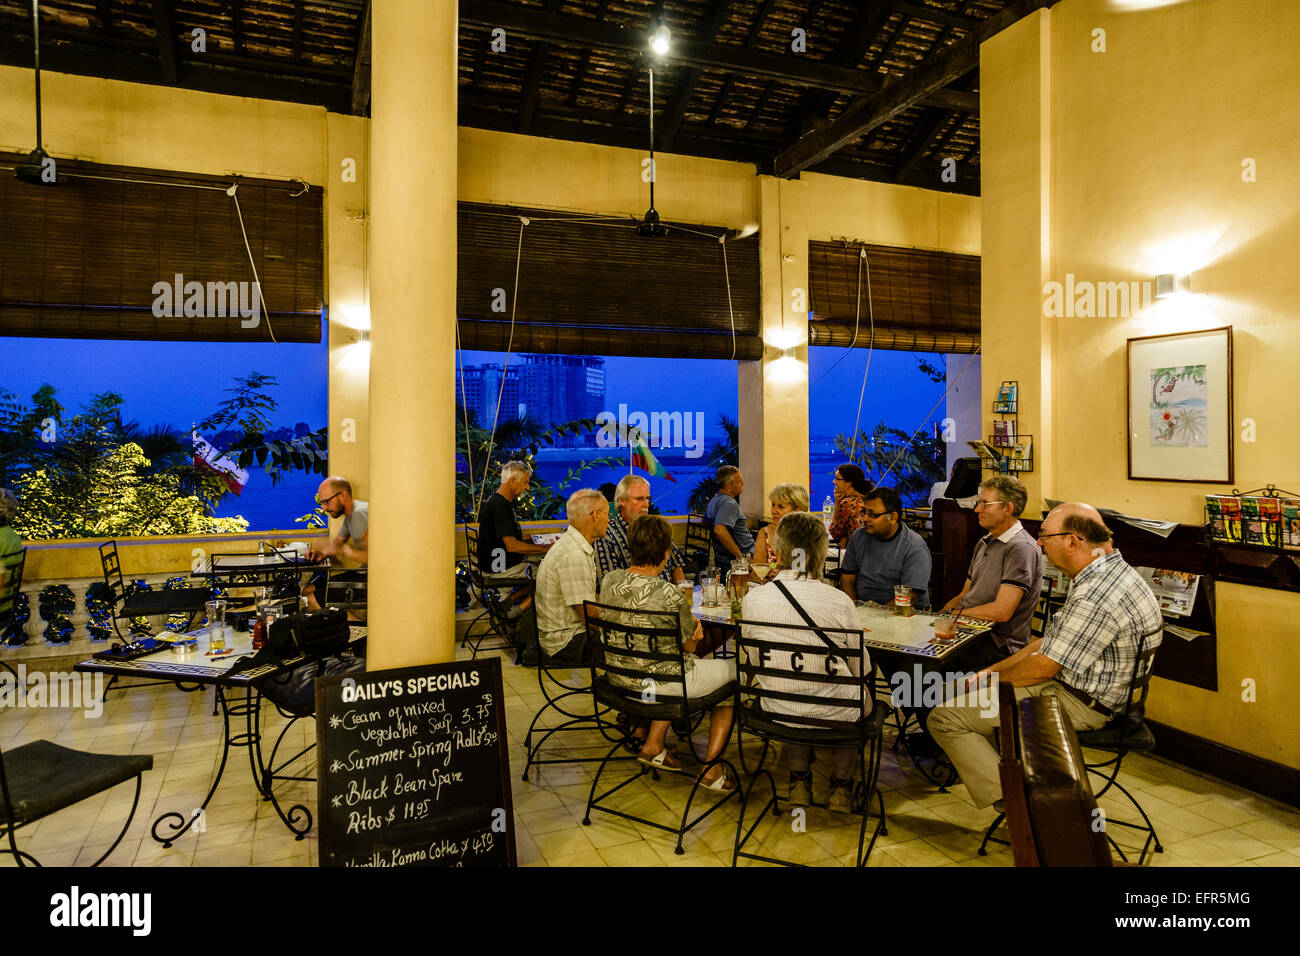 Leute sitzen bei der FCC, Foreign Correspondents Club Bar und Restaurant, Phnom Penh, Kambodscha. Stockbild